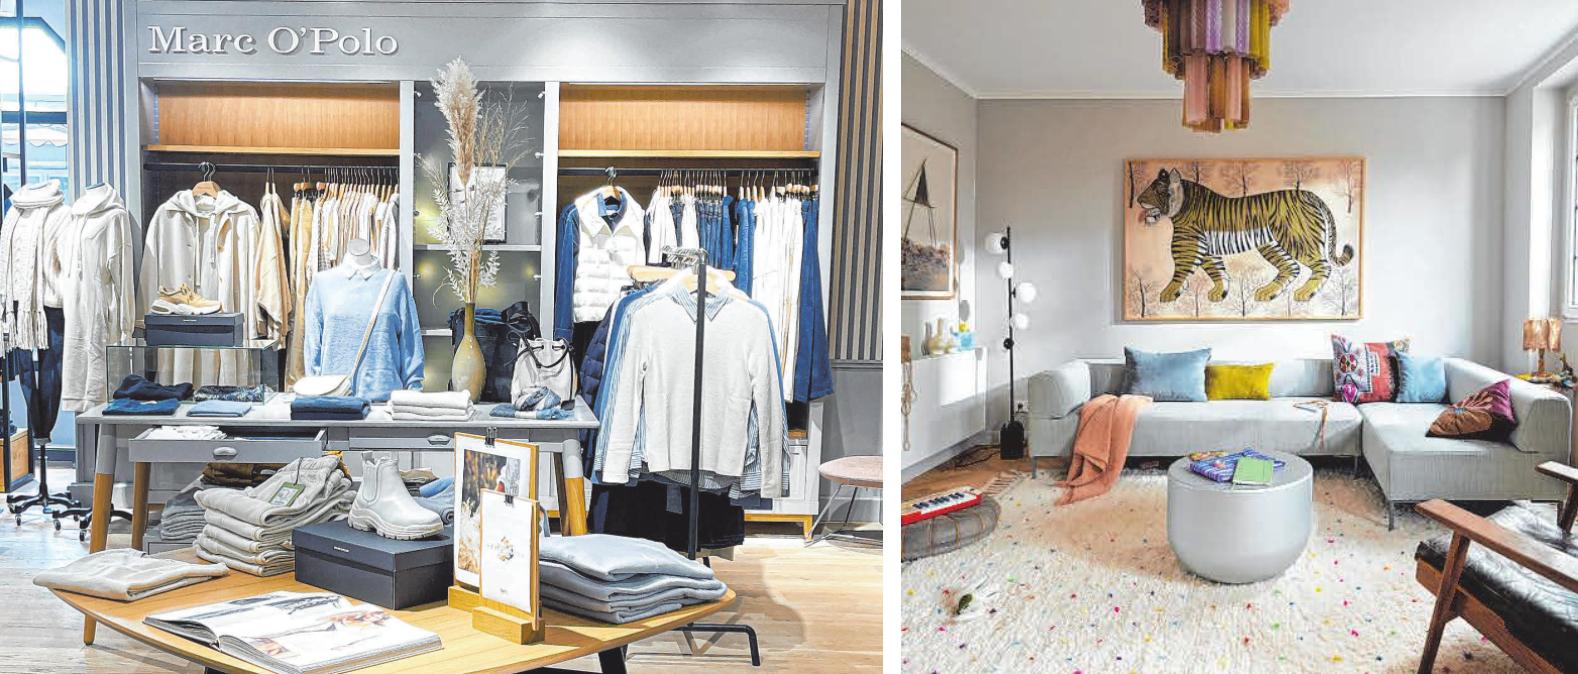 Die Händler der Aalener Innenstadt legen sich für den verkaufsoffenen Sonntag ins Zeug und präsentieren ihre Ware. Im Modehaus Funk und Polsterstudio Husel gibt es für die Kunden einiges zu sehen. FOTOS: FREISTIL/ FUNK